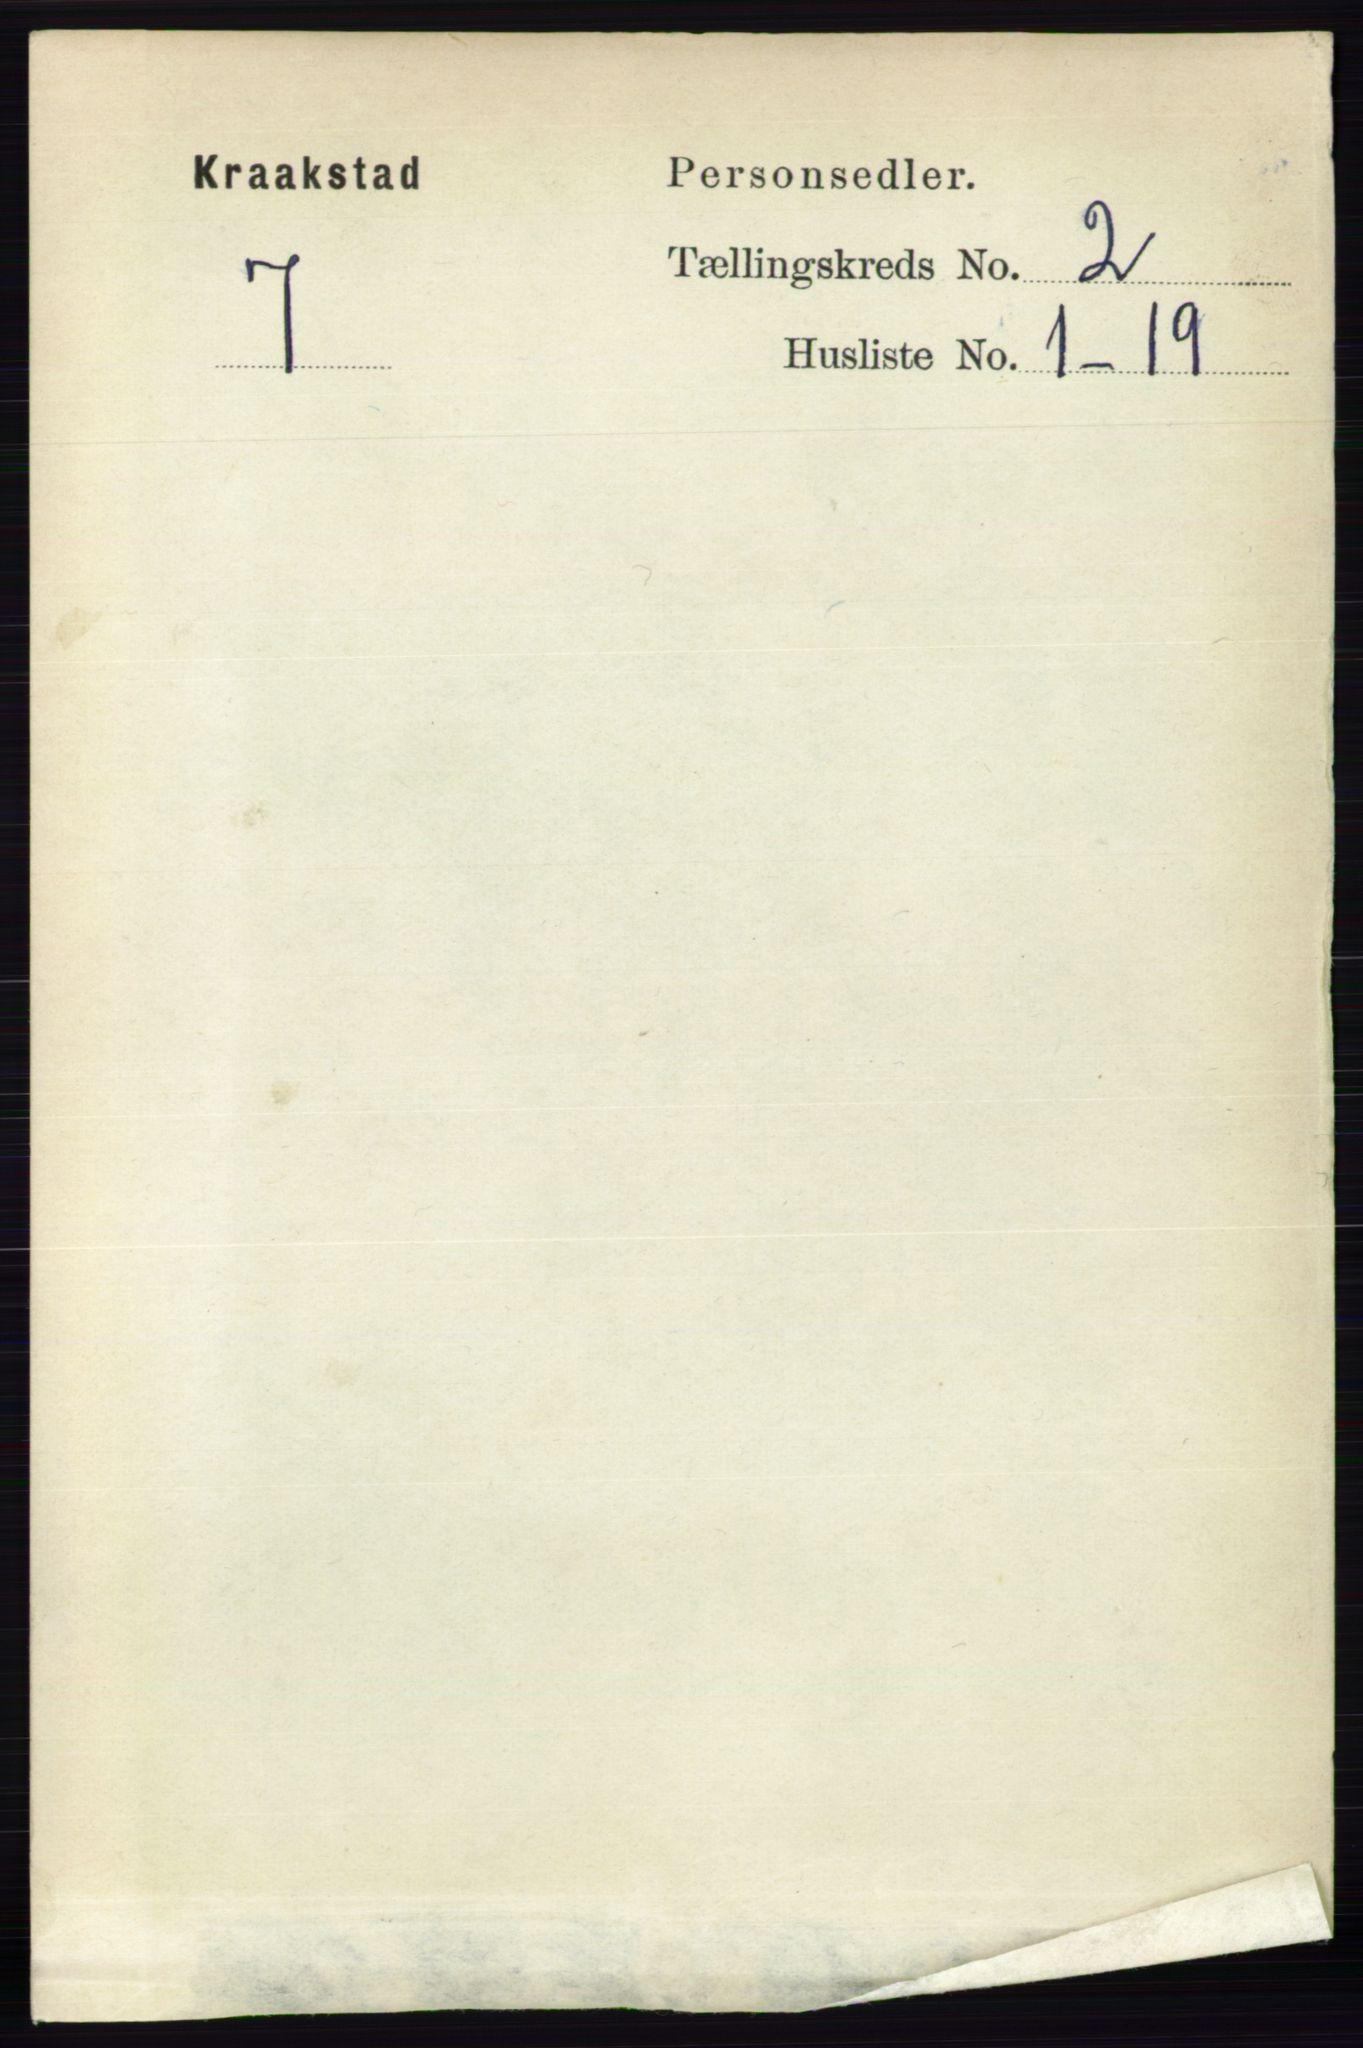 RA, Folketelling 1891 for 0212 Kråkstad herred, 1891, s. 743